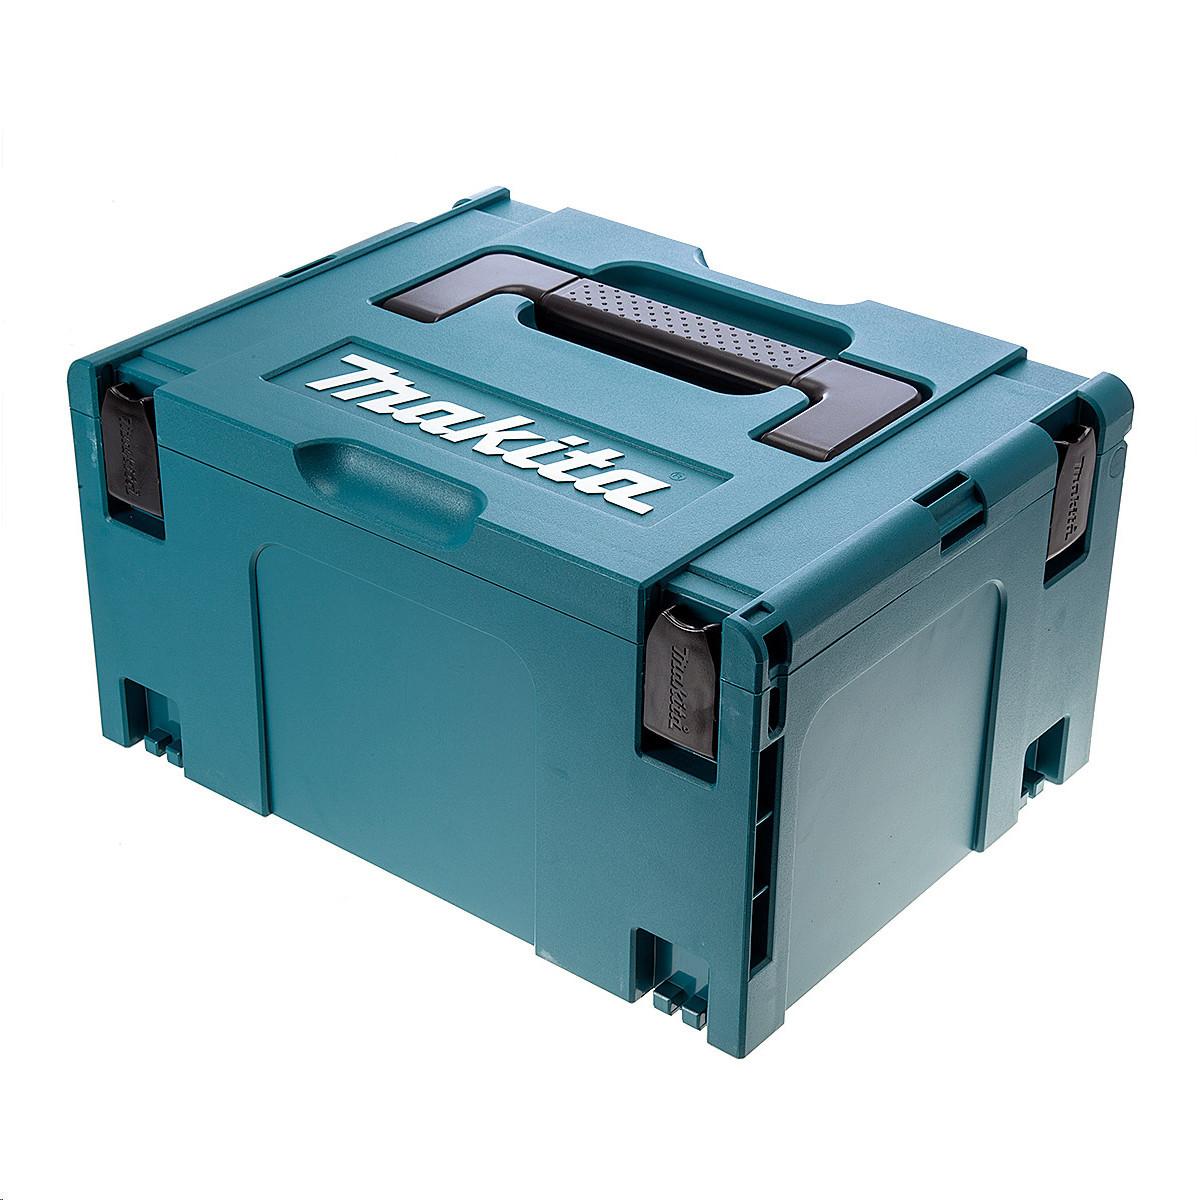 CASSETTA TIPO 3 400X300X210 MM PZ 1